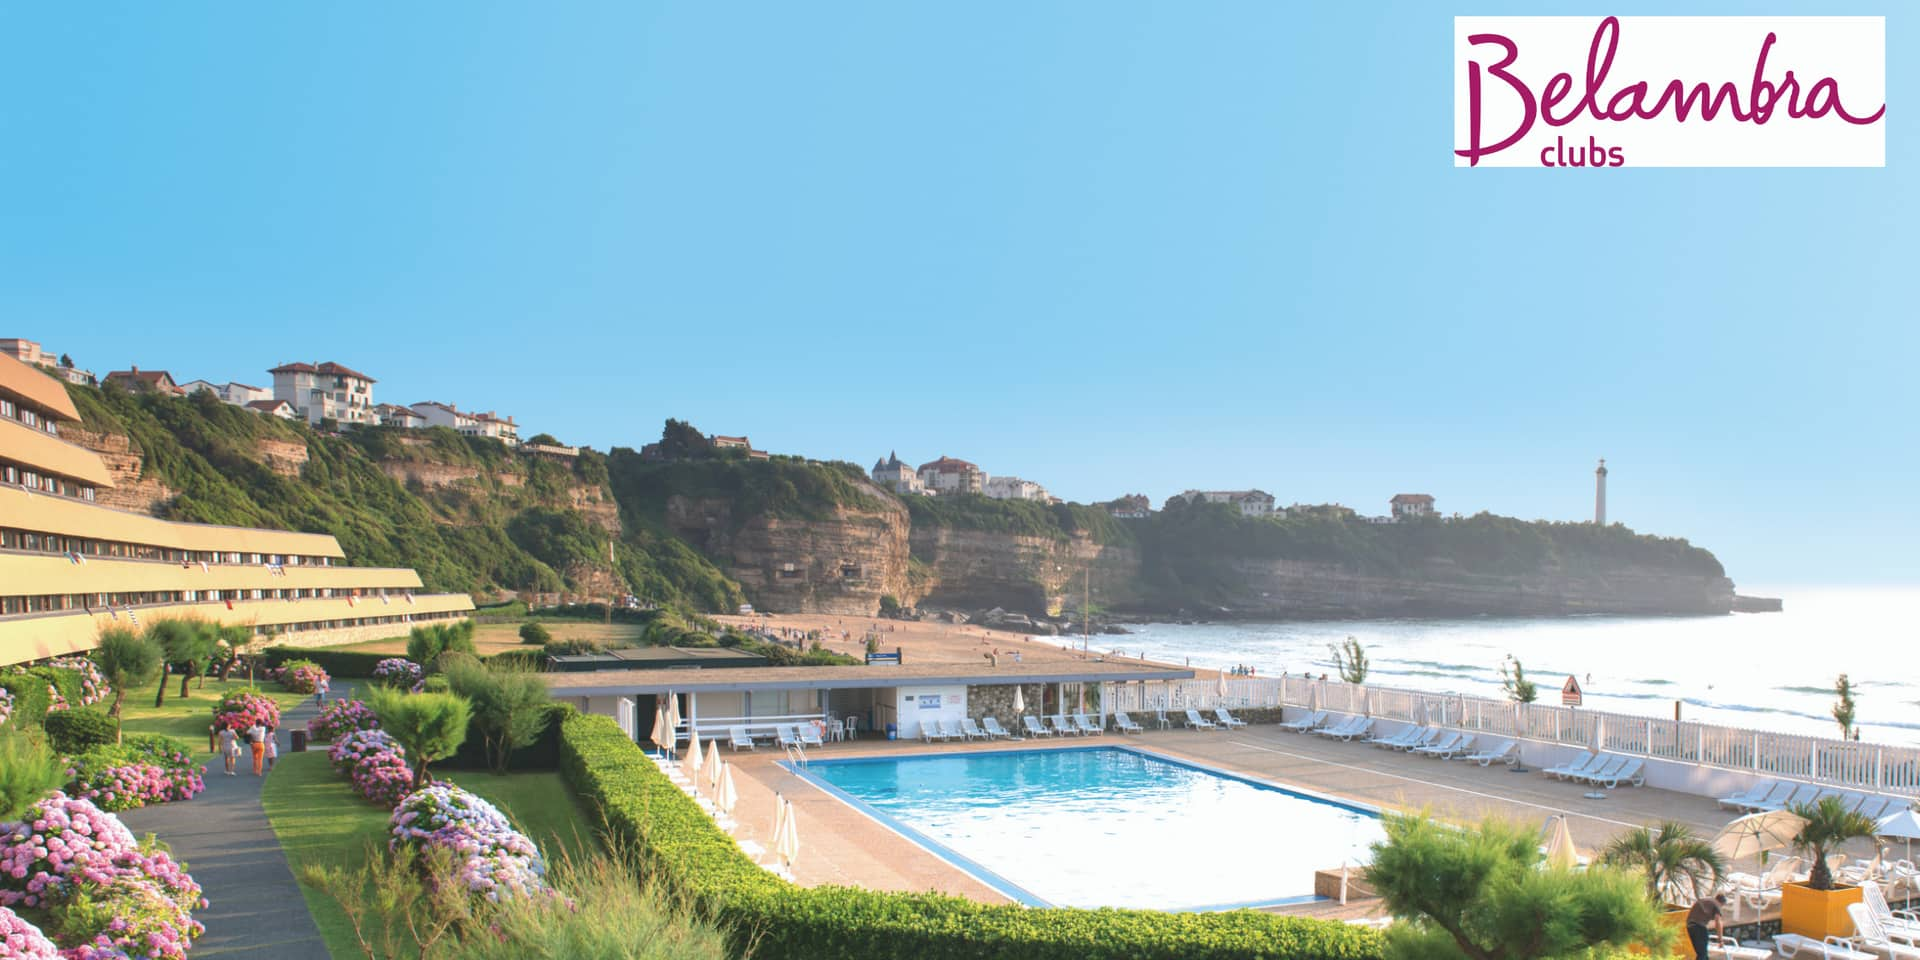 Concours : DH/Les Sports+ vous offre vos vacances ! Remportez un bon de 2.000€ dans un Club Belambra